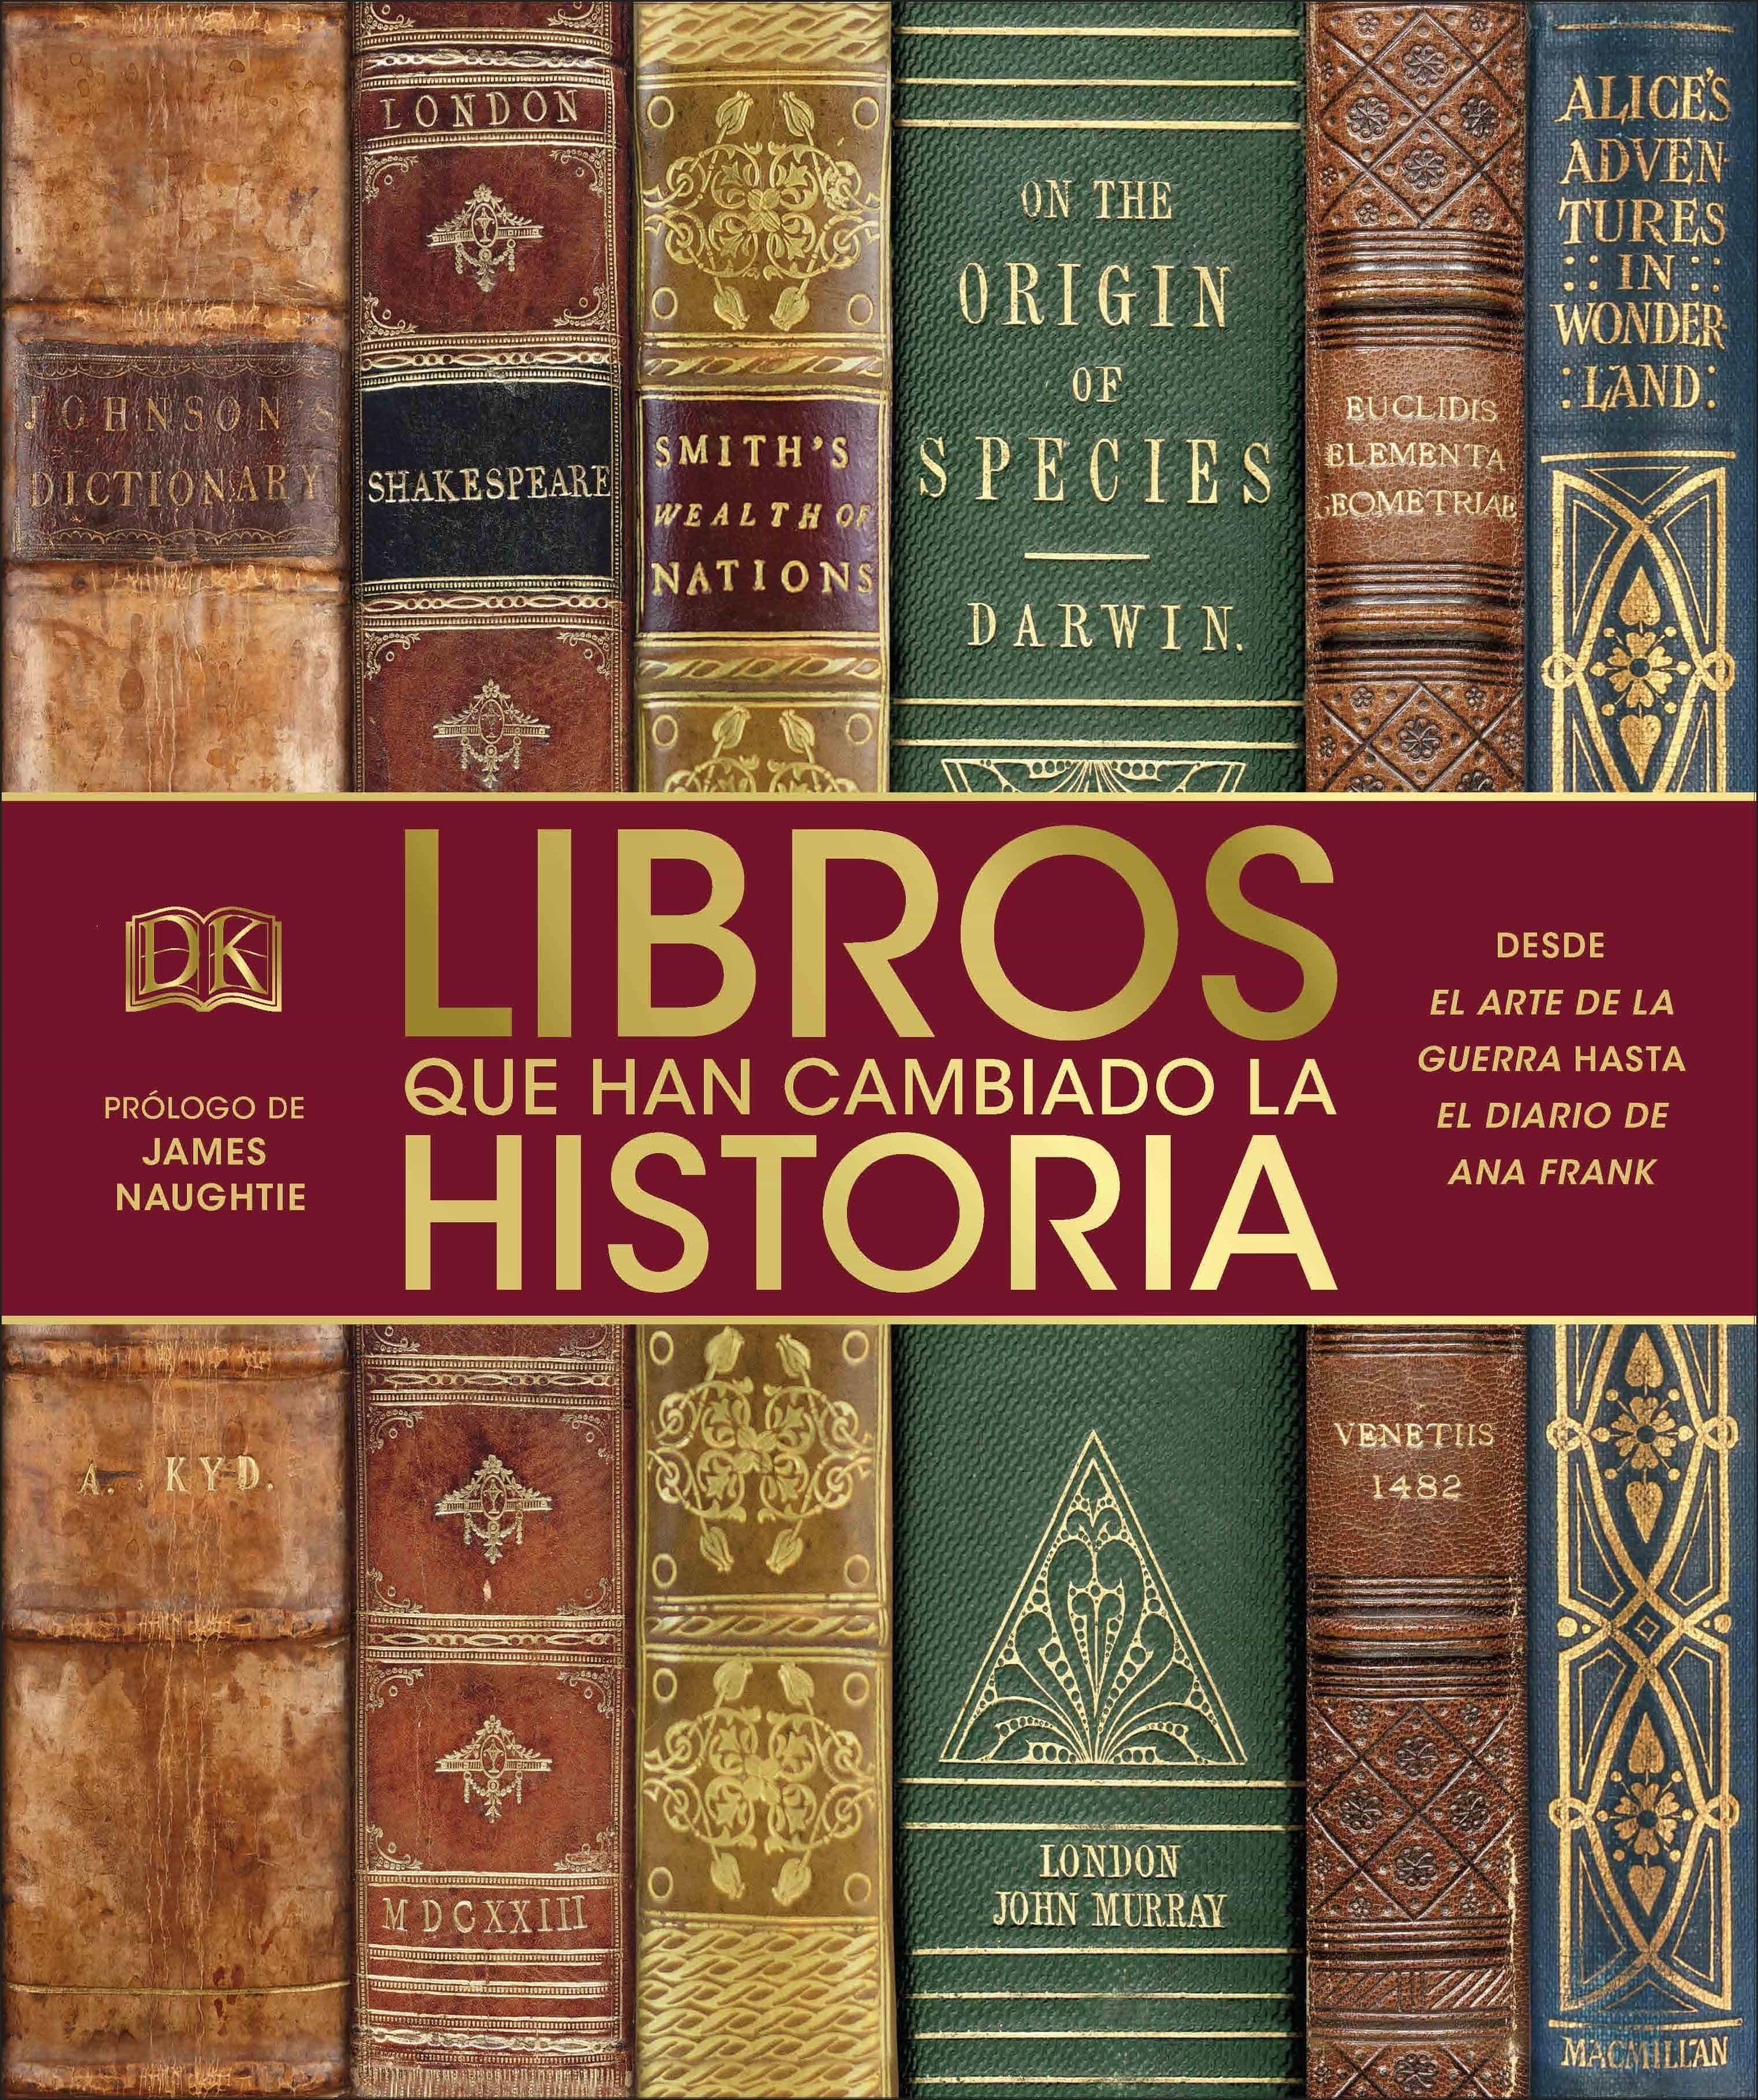 Libros Que Han Cambiado La Historia por Vv.aa.